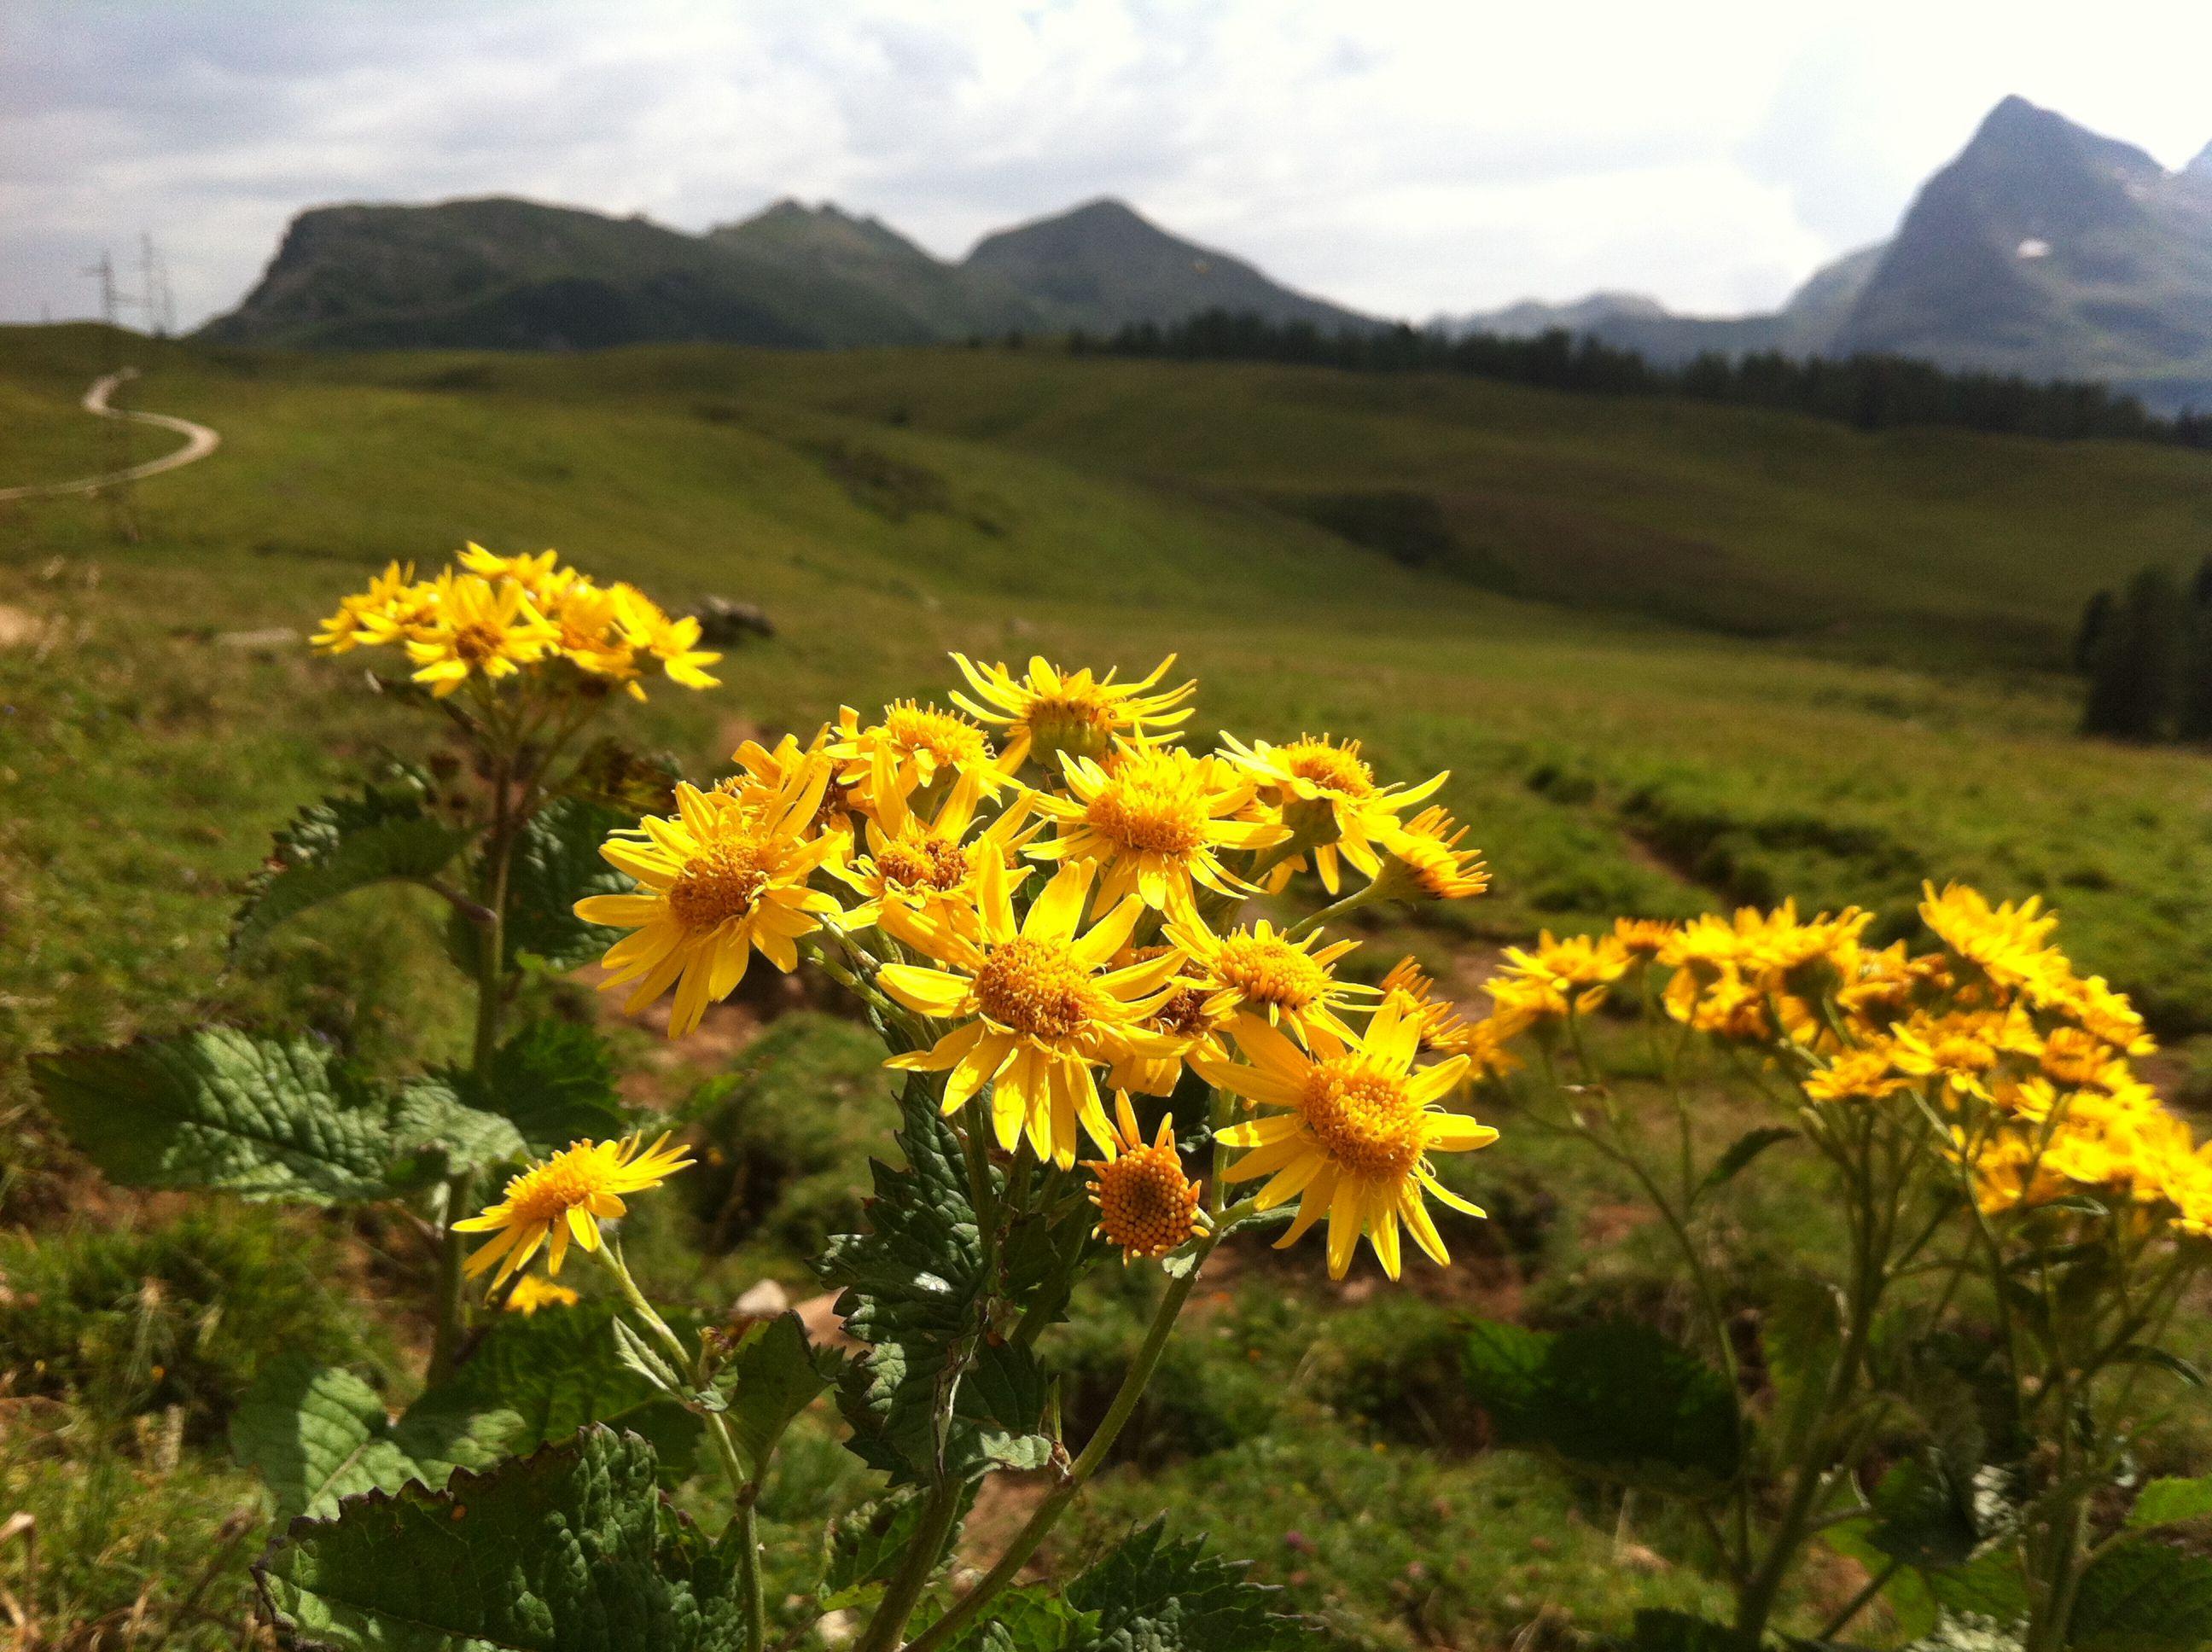 Fiori Gialli Montagna.Fiori Gialli Sul Sentiero Di Montagna With Images Nature